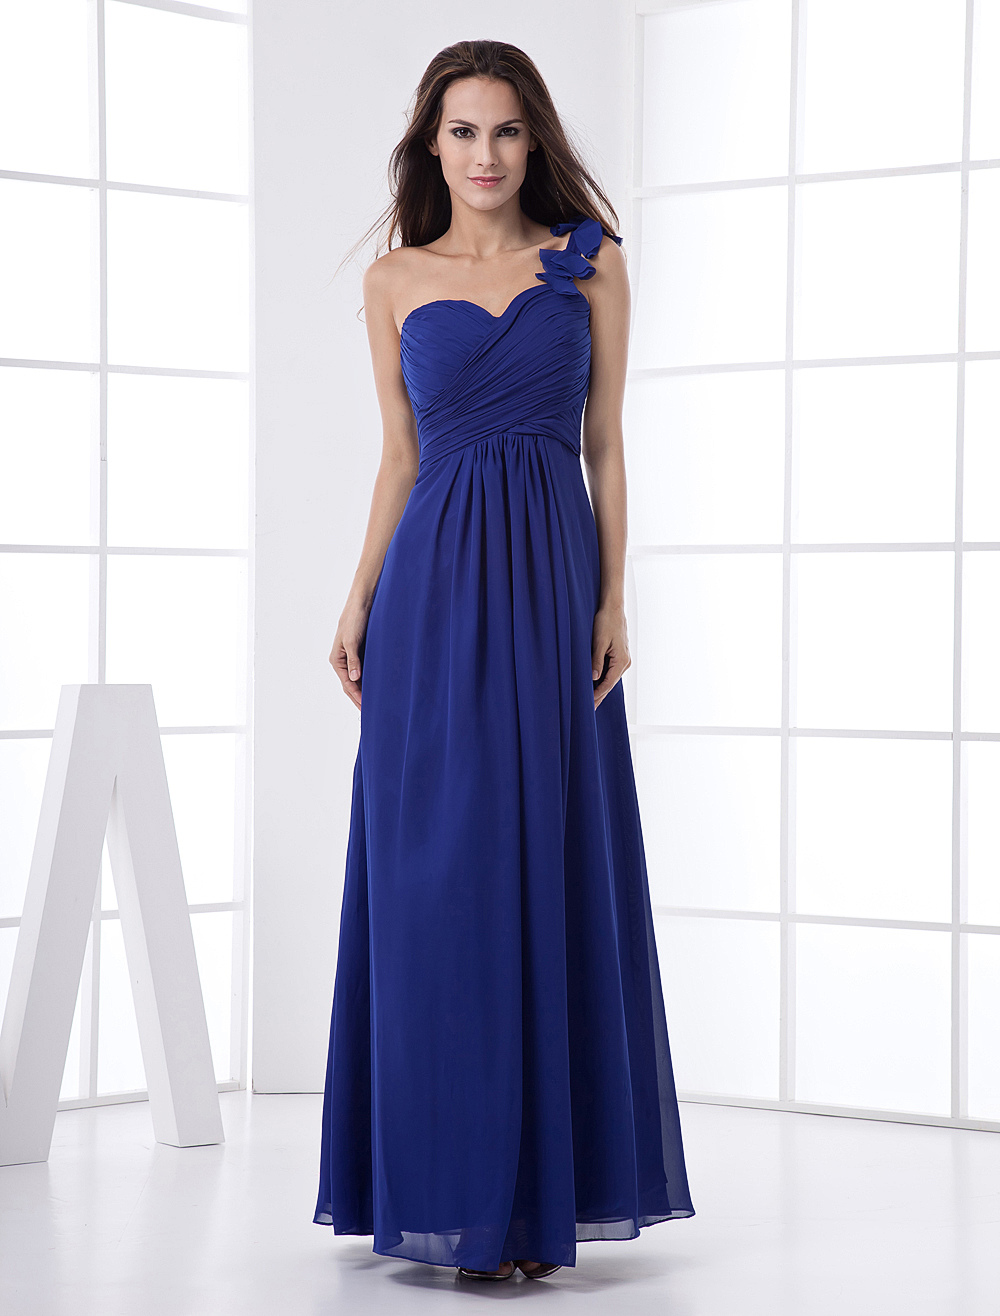 43b6cacbcefa ... Abito da damigella d onore blu royal in chiffon con monospalla e stile  imperiale a. 12. -45%. colore Blu Reale